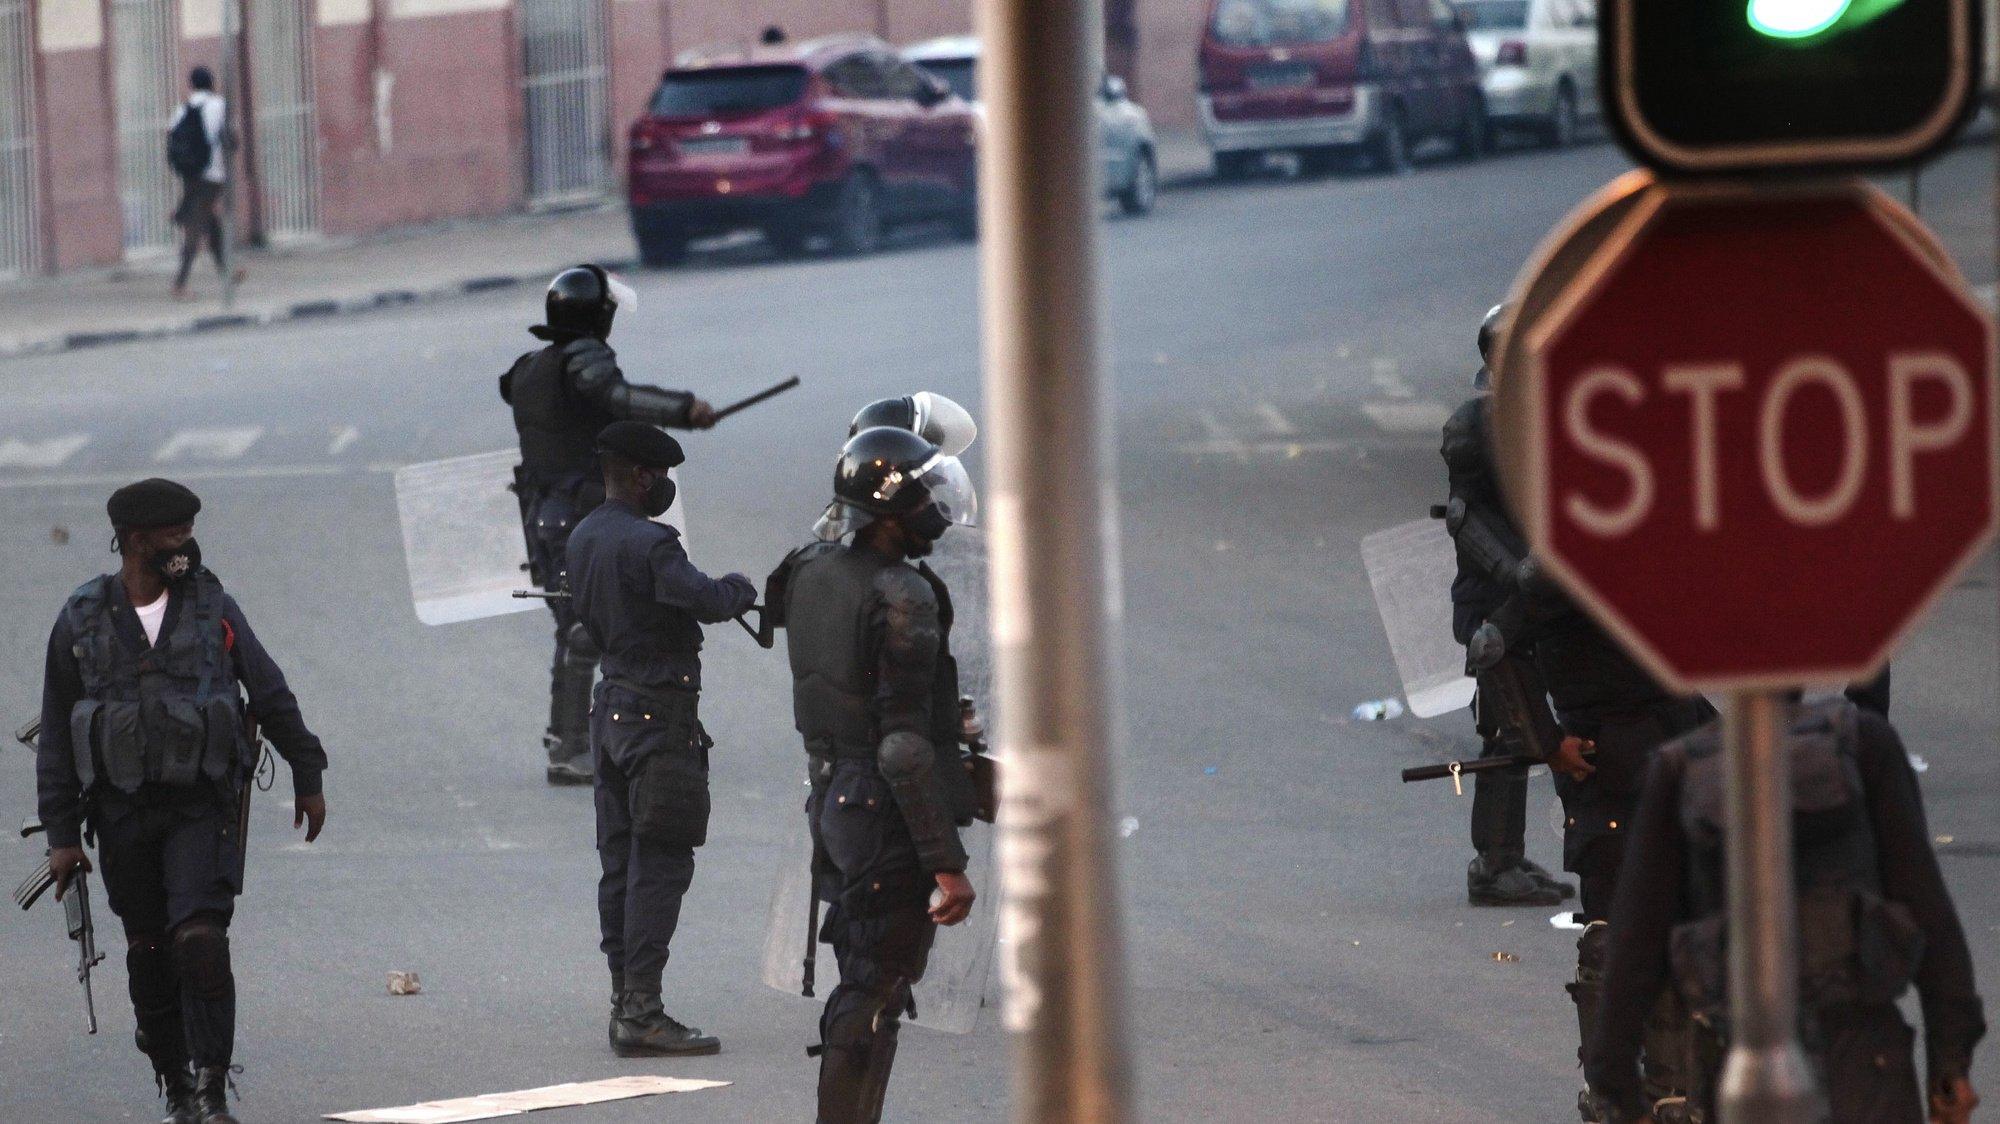 A polícia angolana dispersou hoje com gás lacrimogéneo cerca de uma centena de jovens que se encontravam concentrados em frente ao Tribunal Provincial de Luanda e bloquearam as ruas de acesso ao edifício. Este é o segundo dia em que o espaço circundante do tribunal, o Palácio Dona Ana Joaquina, na baixa de Luanda, é ocupado por jovens que exigem a libertação dos manifestantes detidos no sábado, e prometiam manter-se no local até à noite. Luanda, Angola. 27 de outubro de 2020. AMPE ROGÉRIO/LUSA